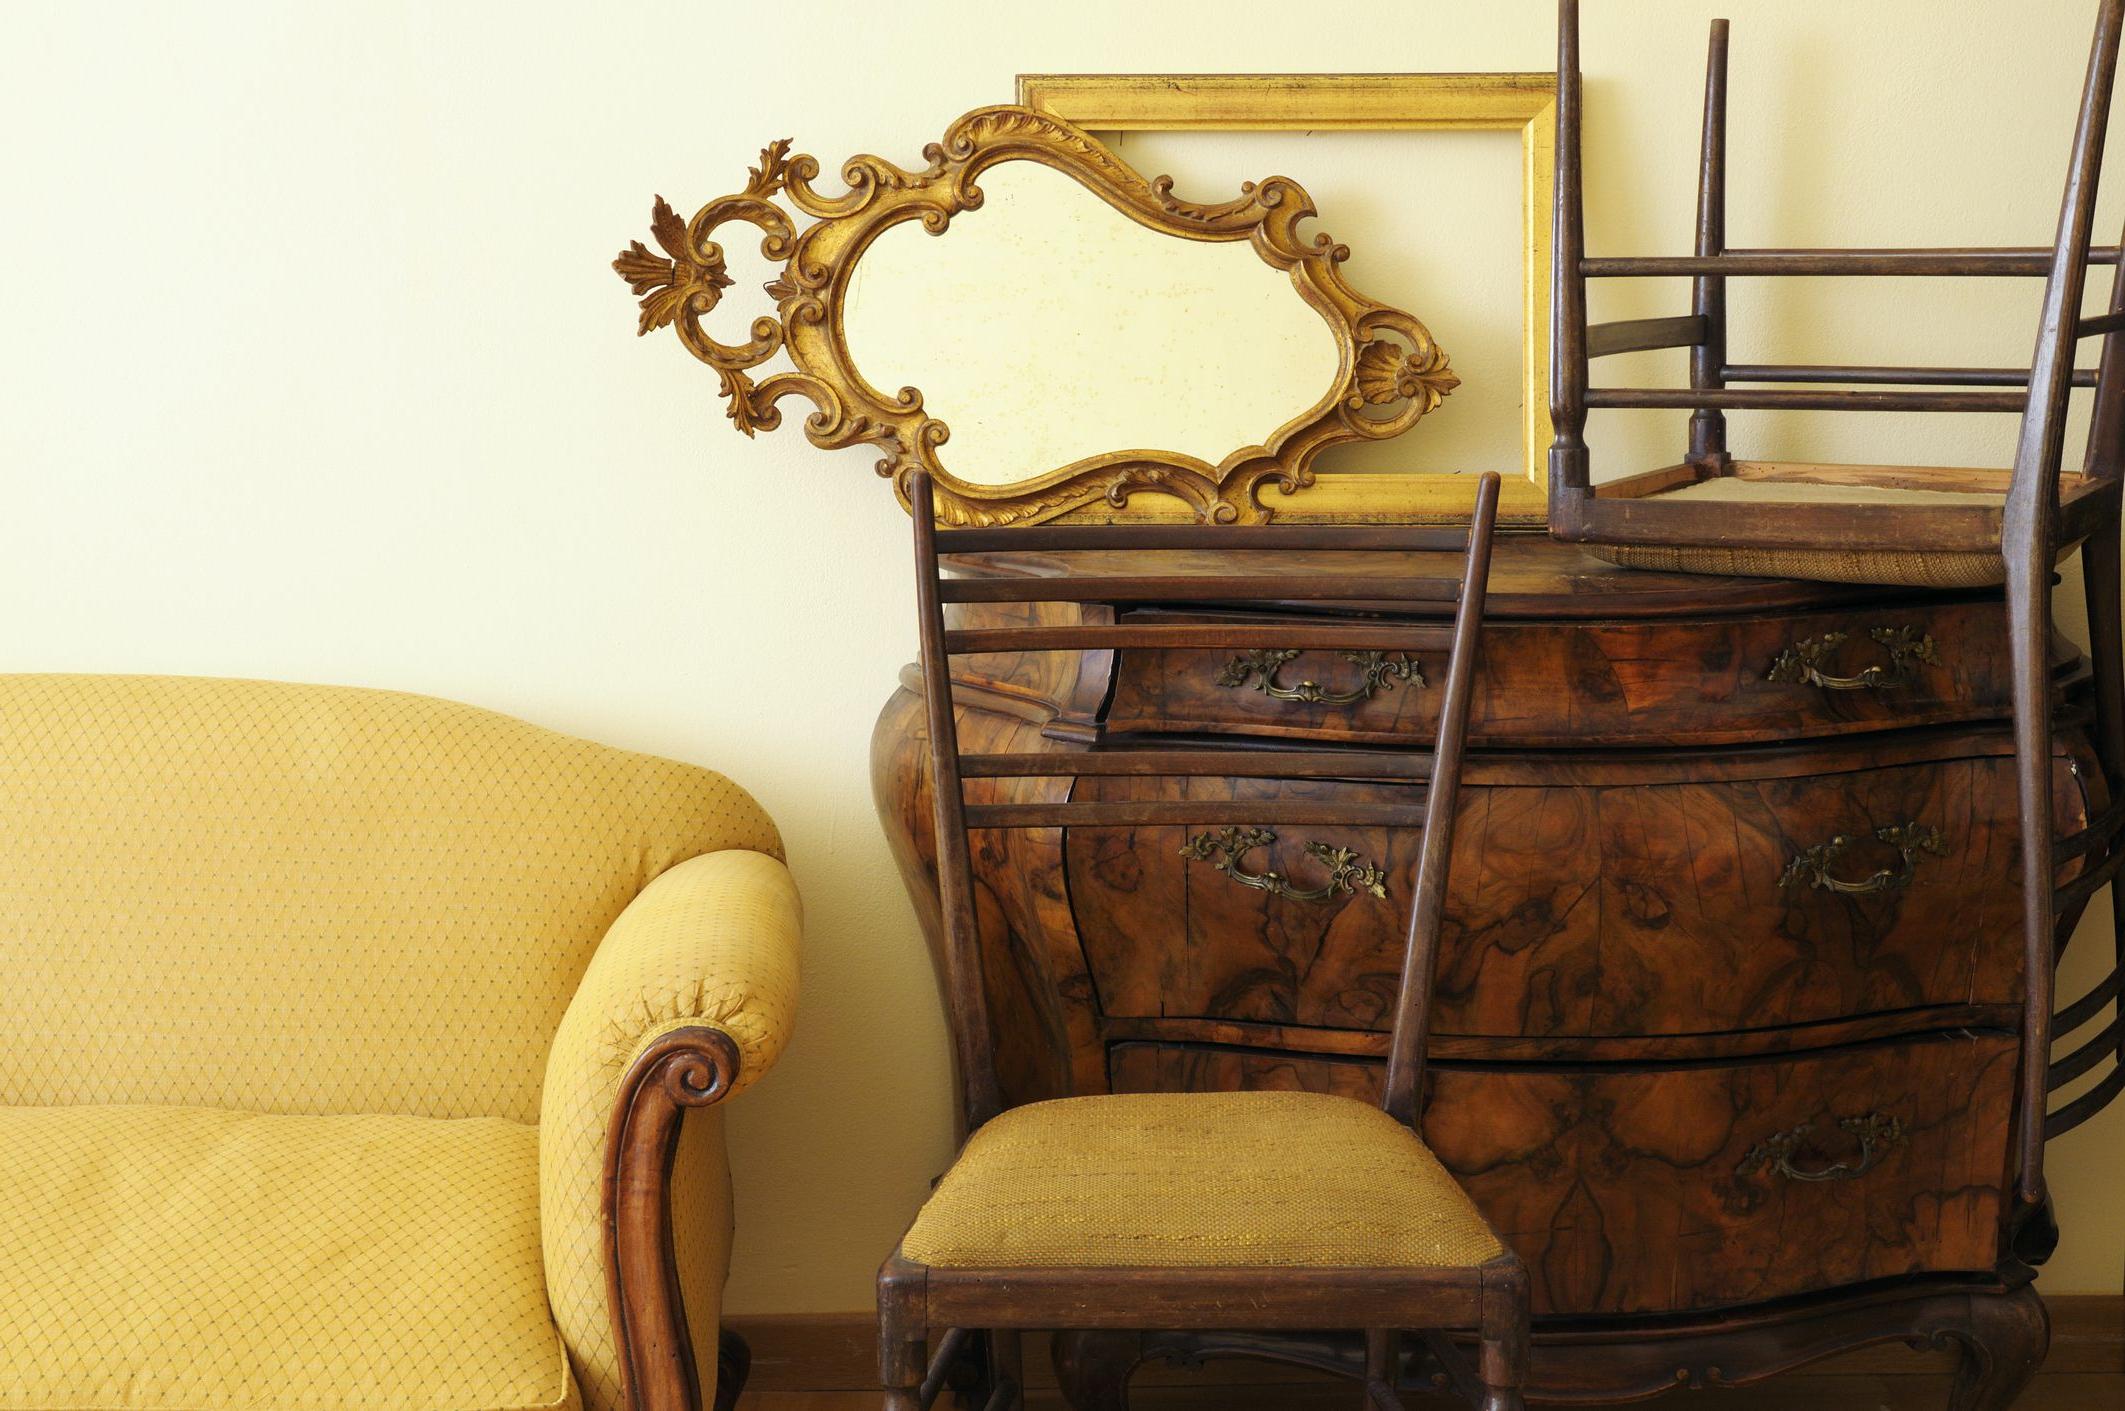 Donde Puedo Vender Muebles Usados En Madrid Ftd8 10 Consejos Para Vender Tus Muebles Usados